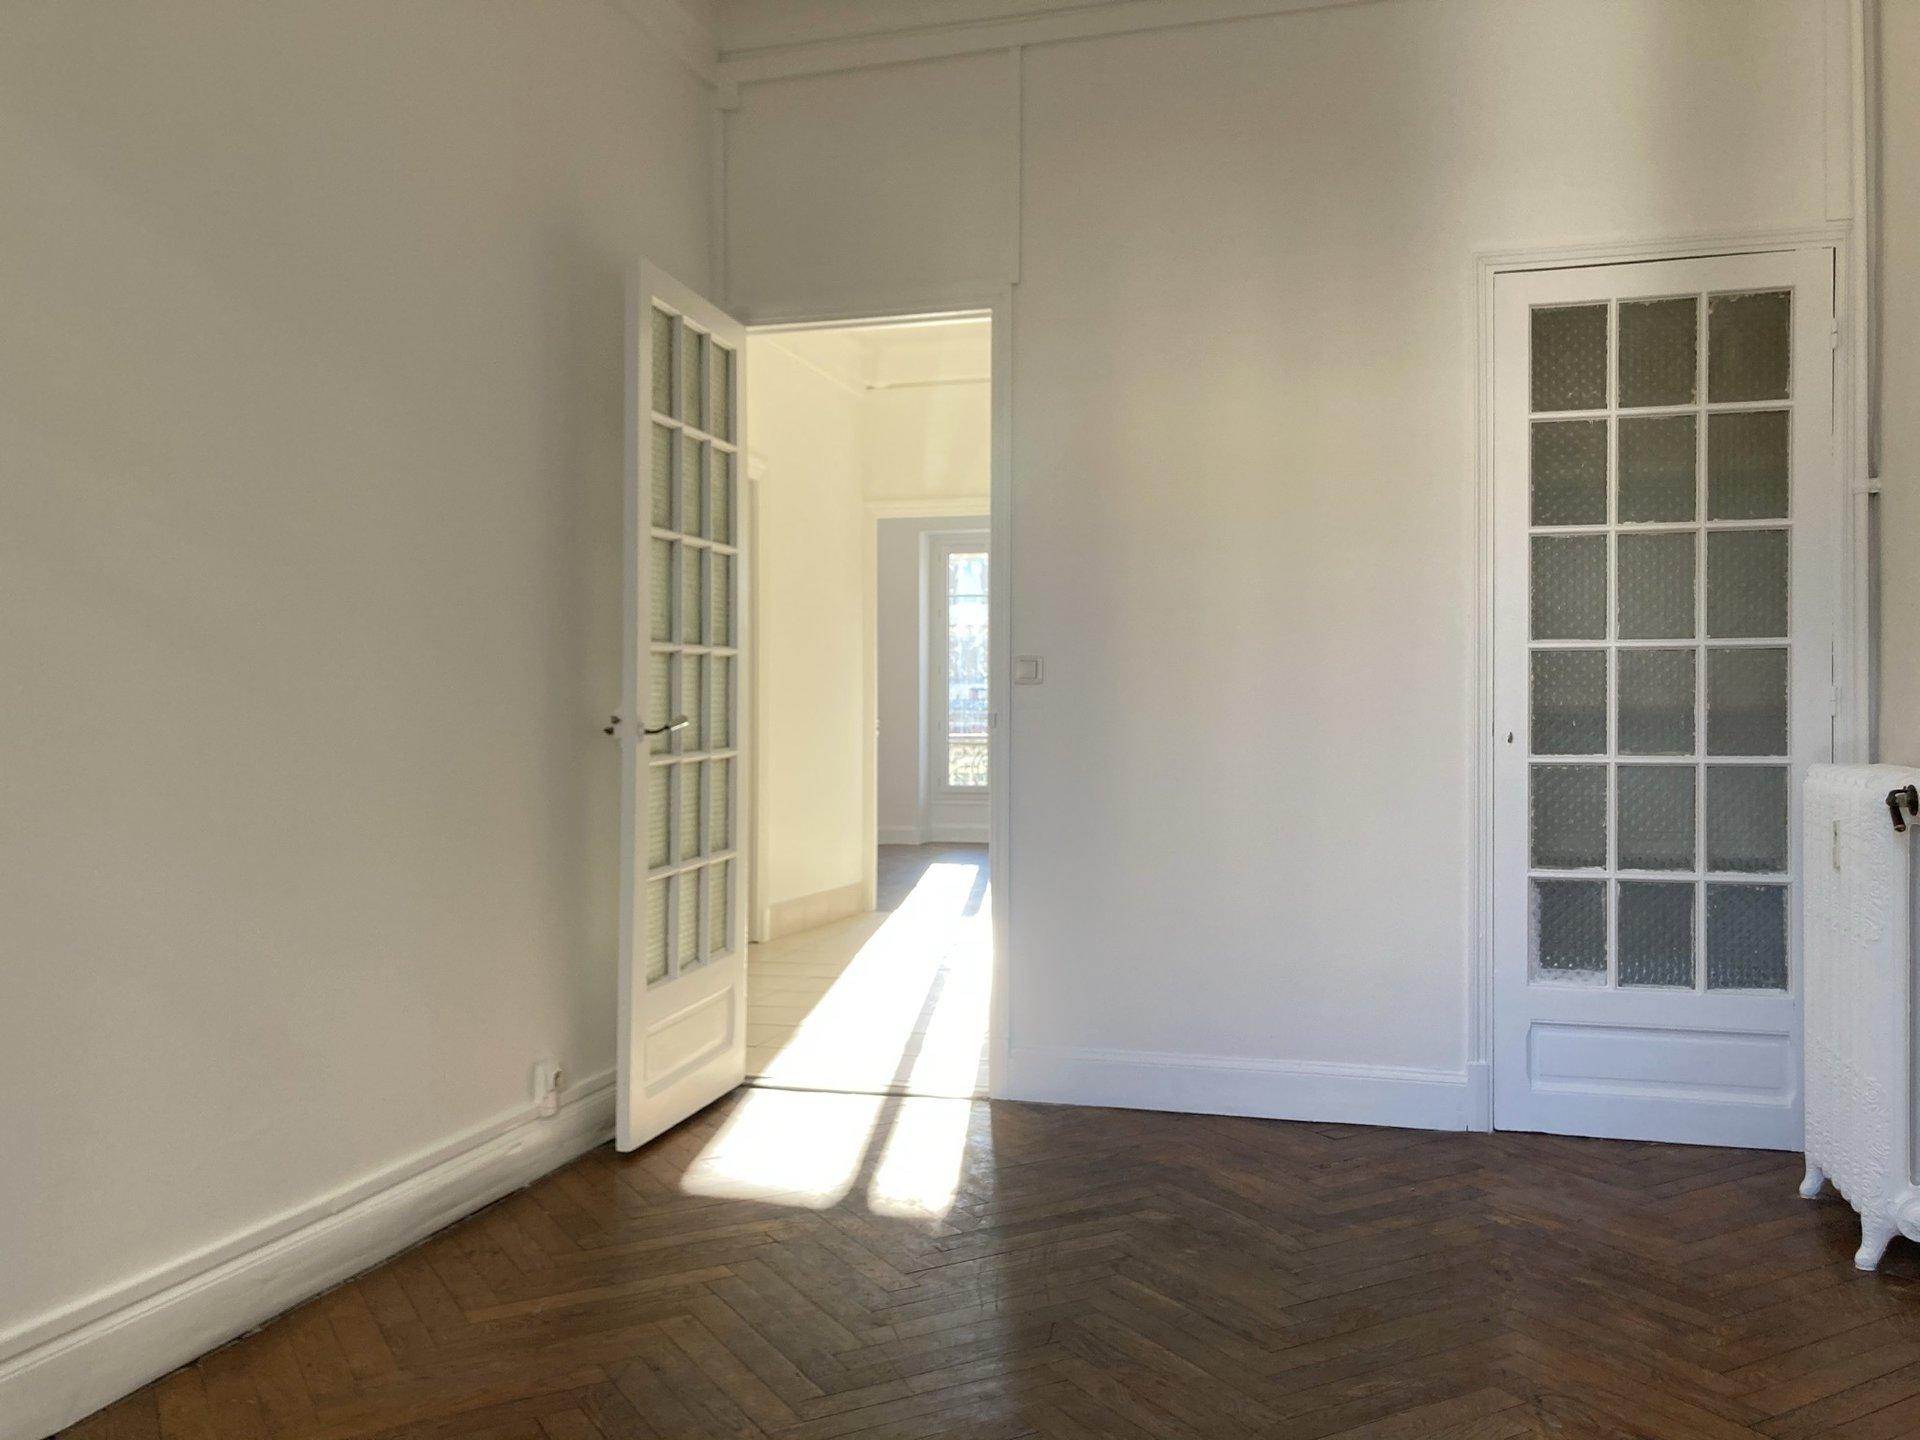 location Nice, 3 pièces 63.42m² situé quartier Libération